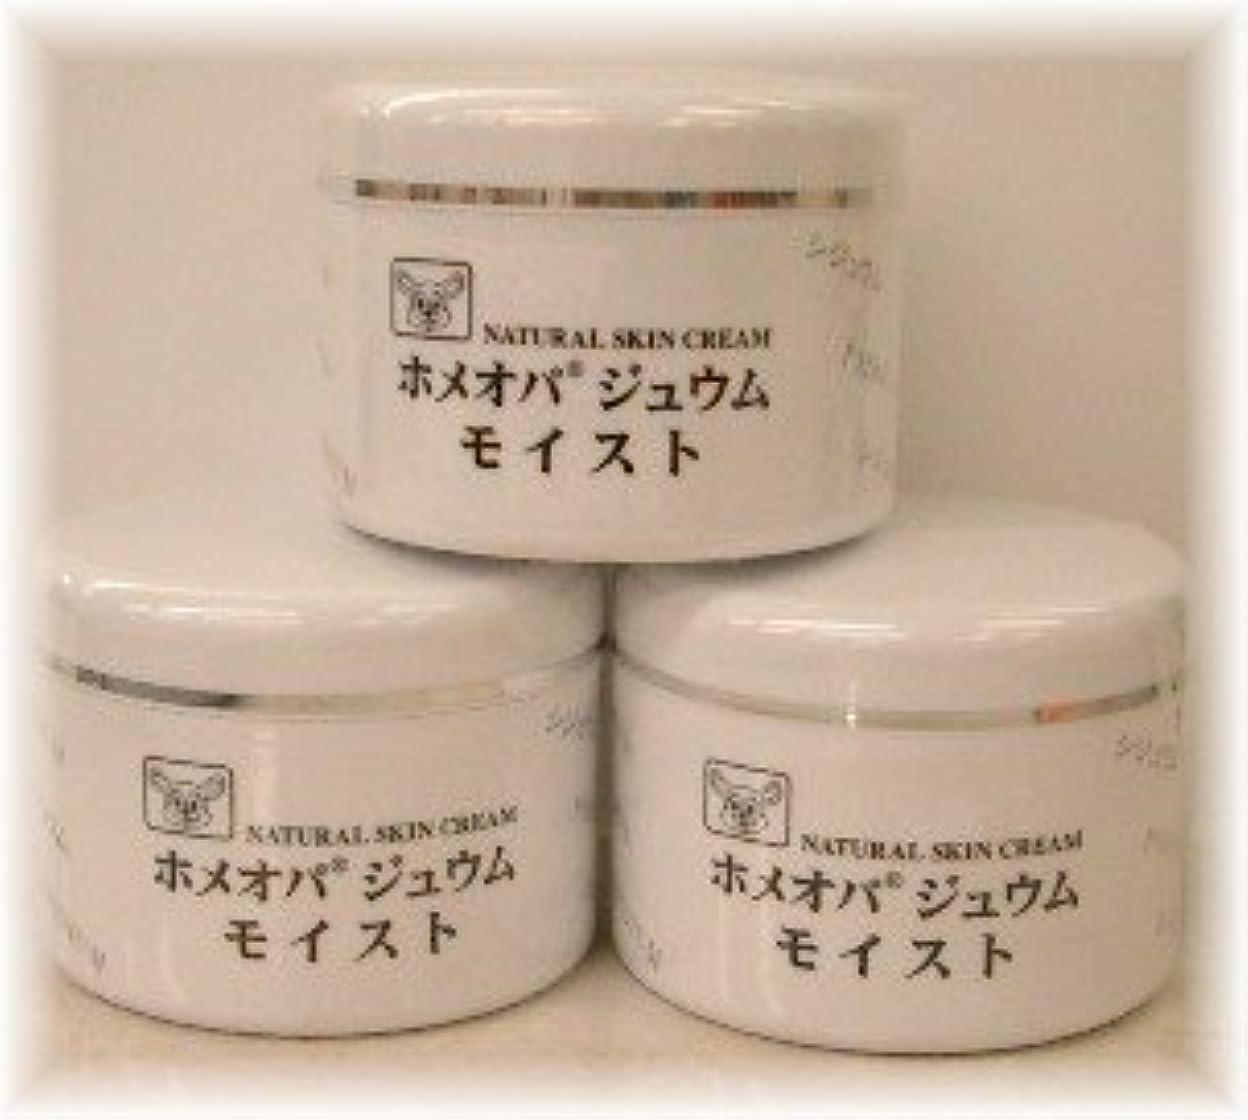 臭いコーヒー雷雨ホメオパジュウム スキンケア商品3点 ¥10500クリームモイストx3個